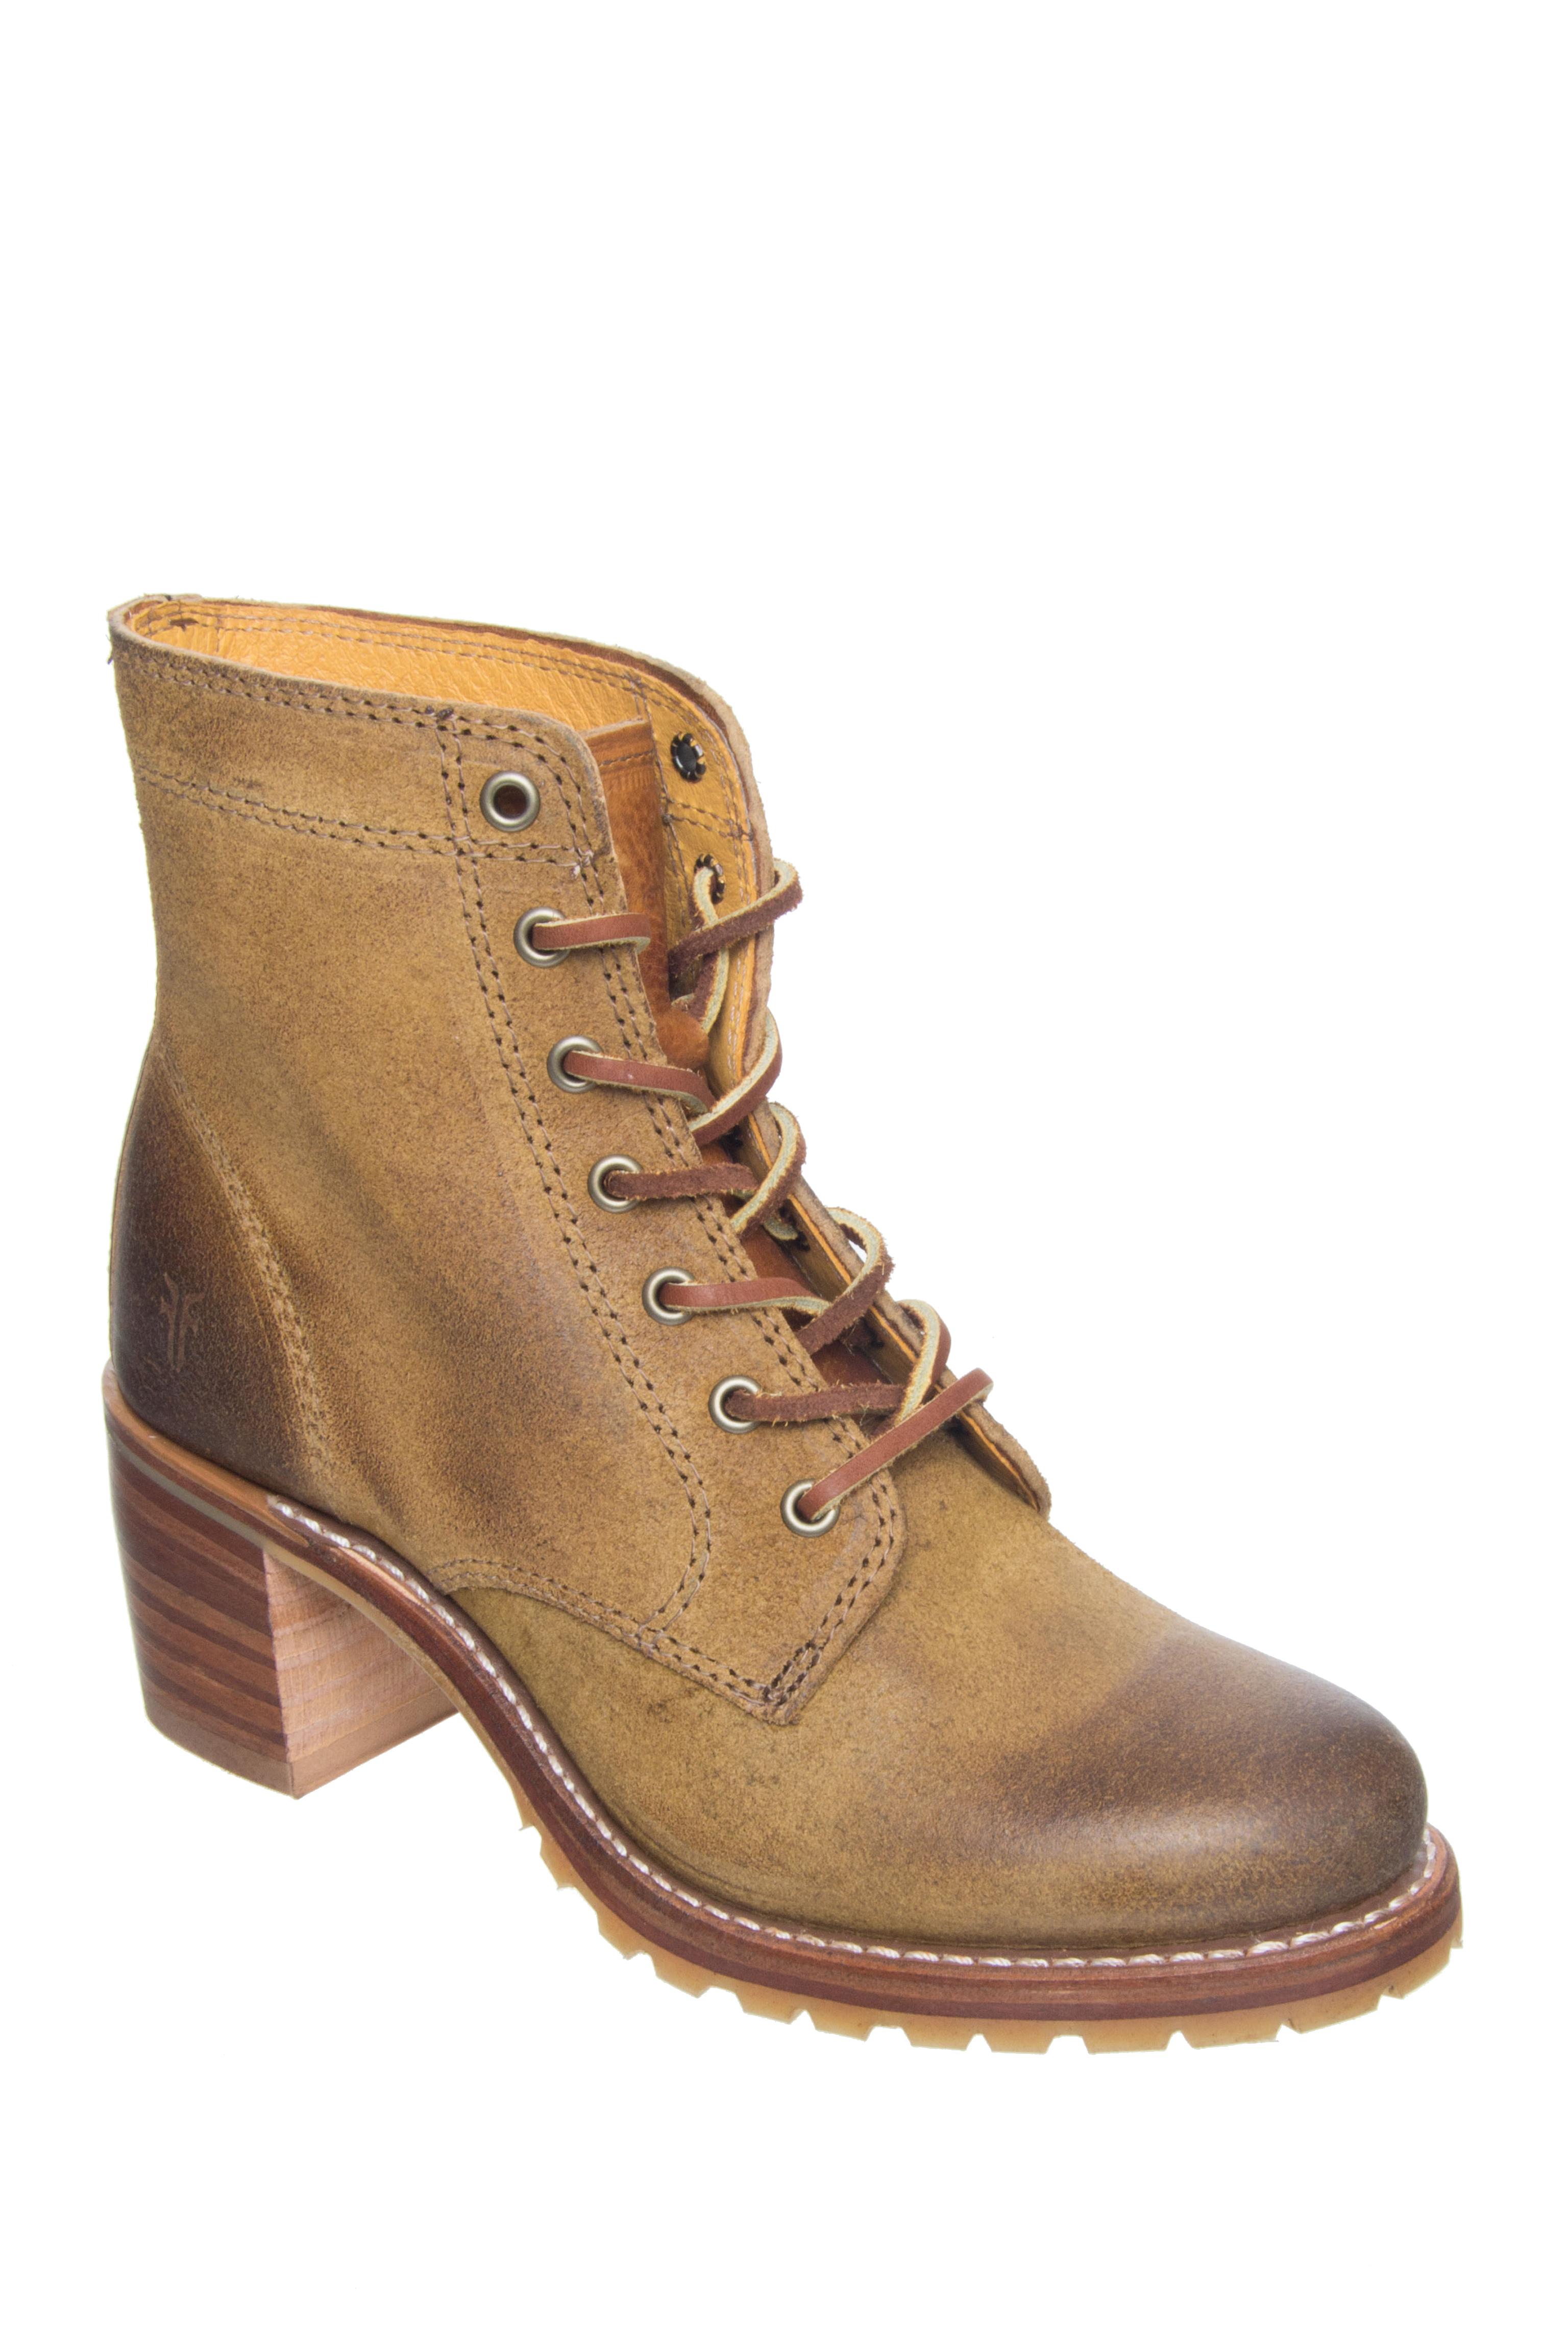 Frye Sabrina 6G Lace Up Boots - Tan